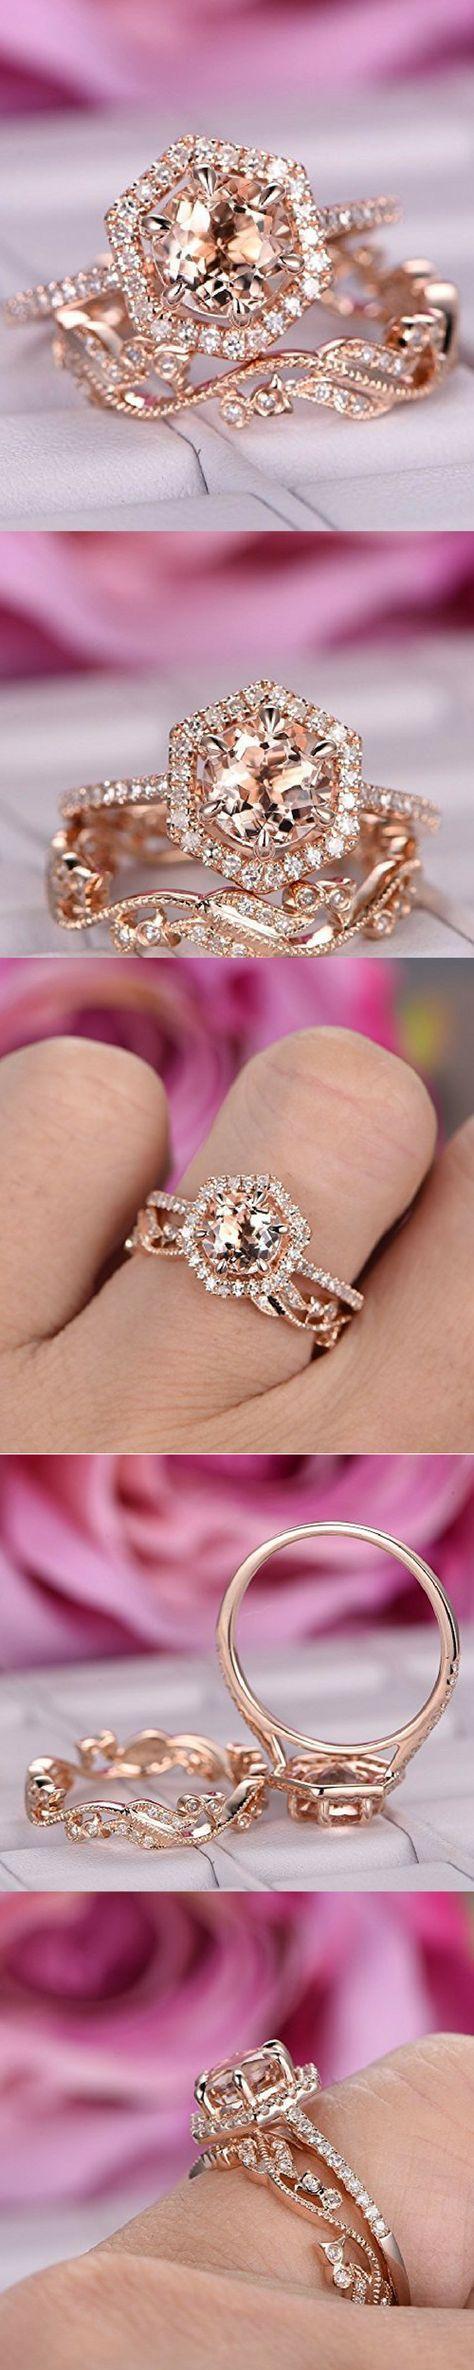 Engagement Rings Round Morganite Engagement Ring Set Pave Diamond ...